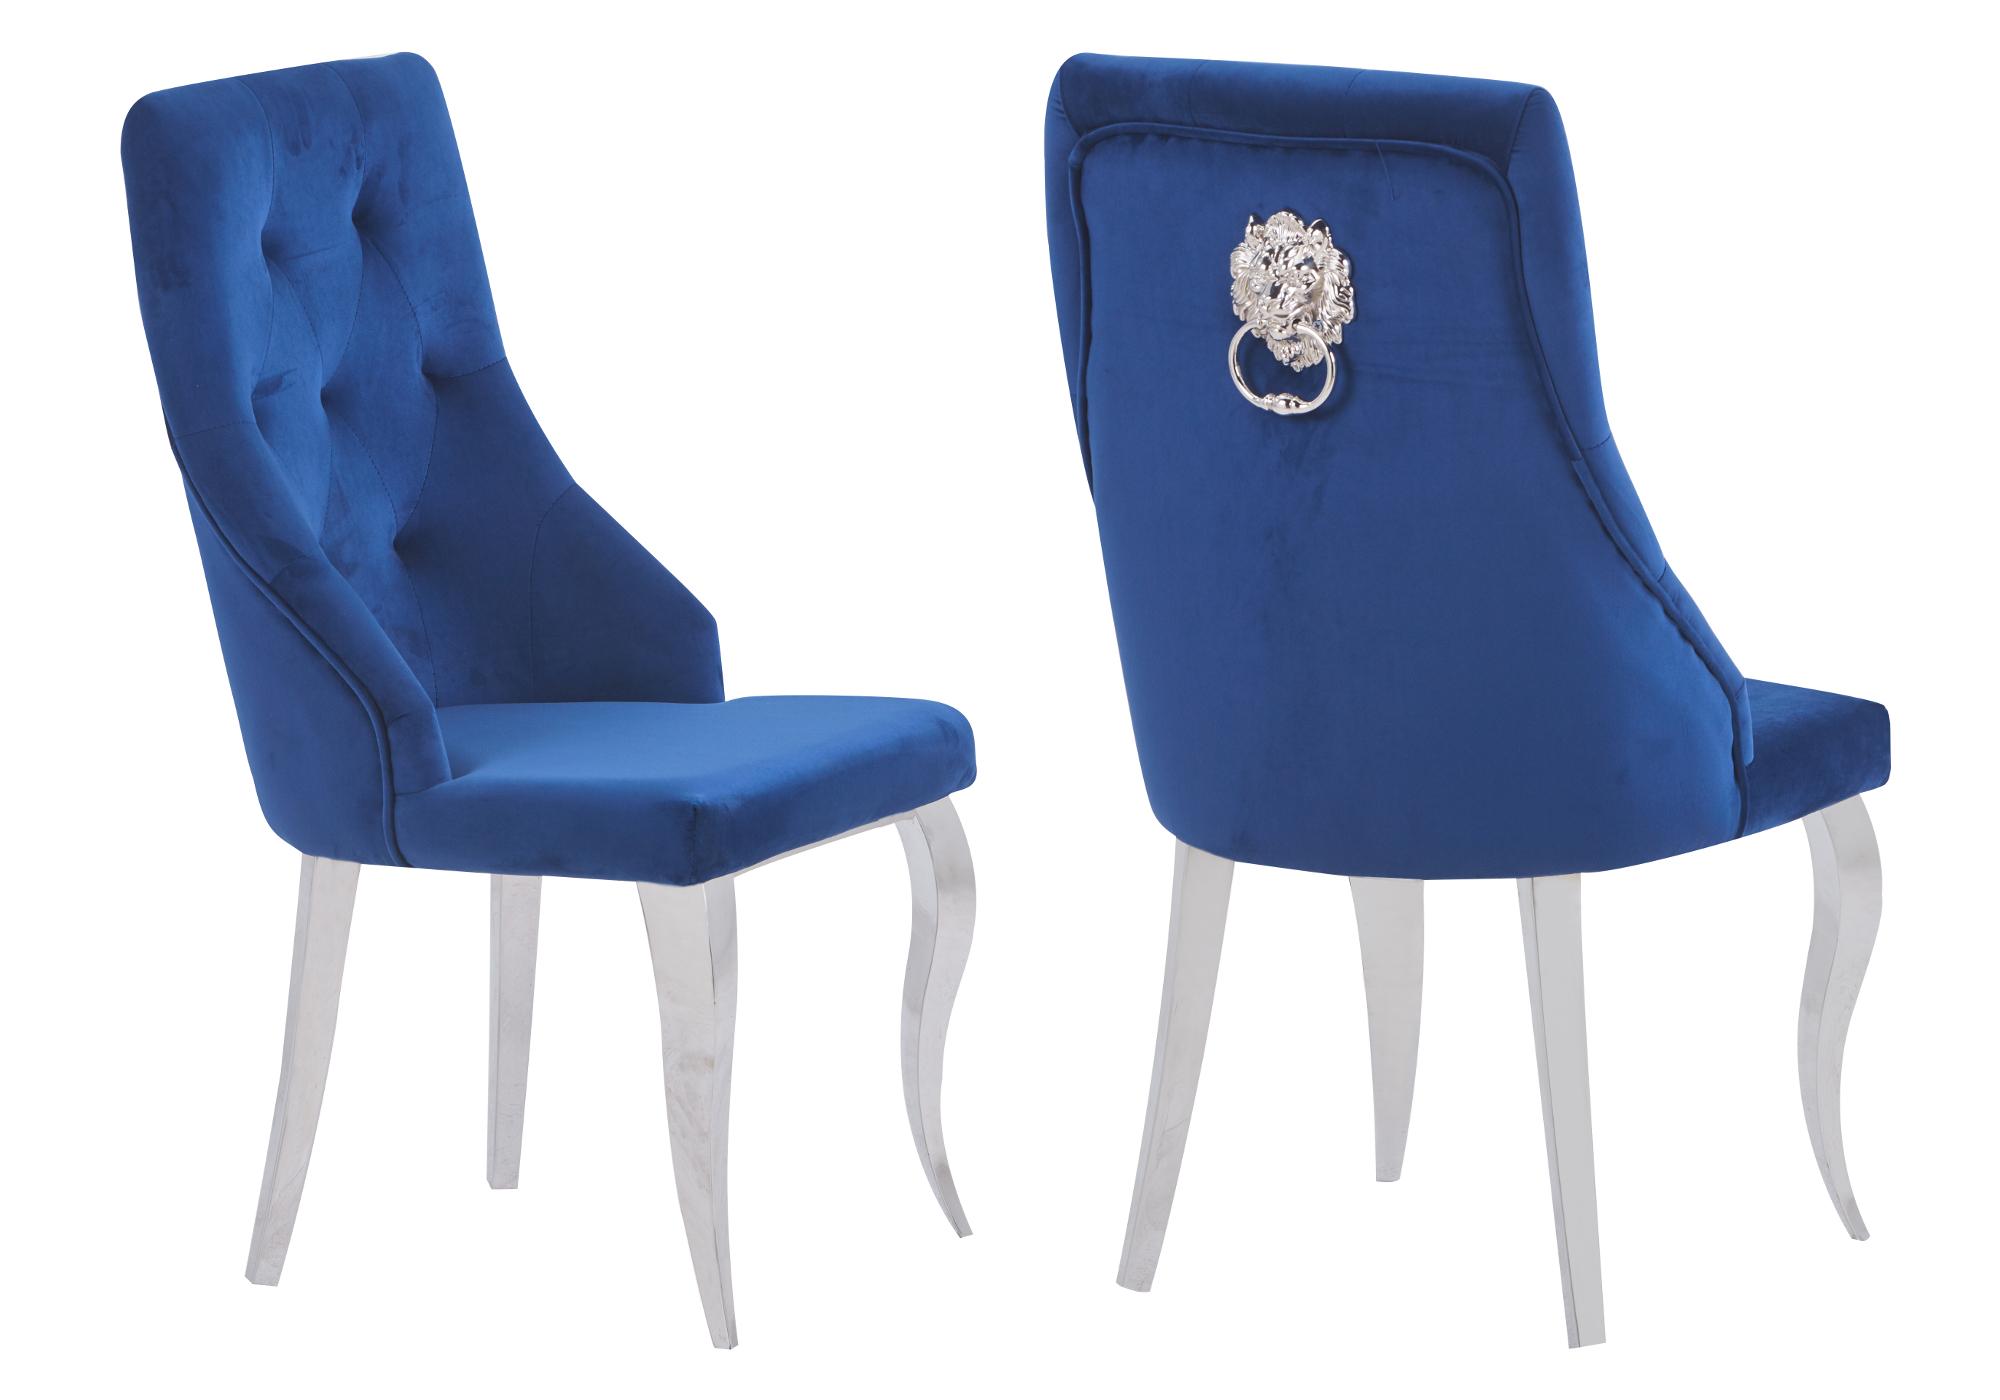 Chaises capitonné velours bleu GIA